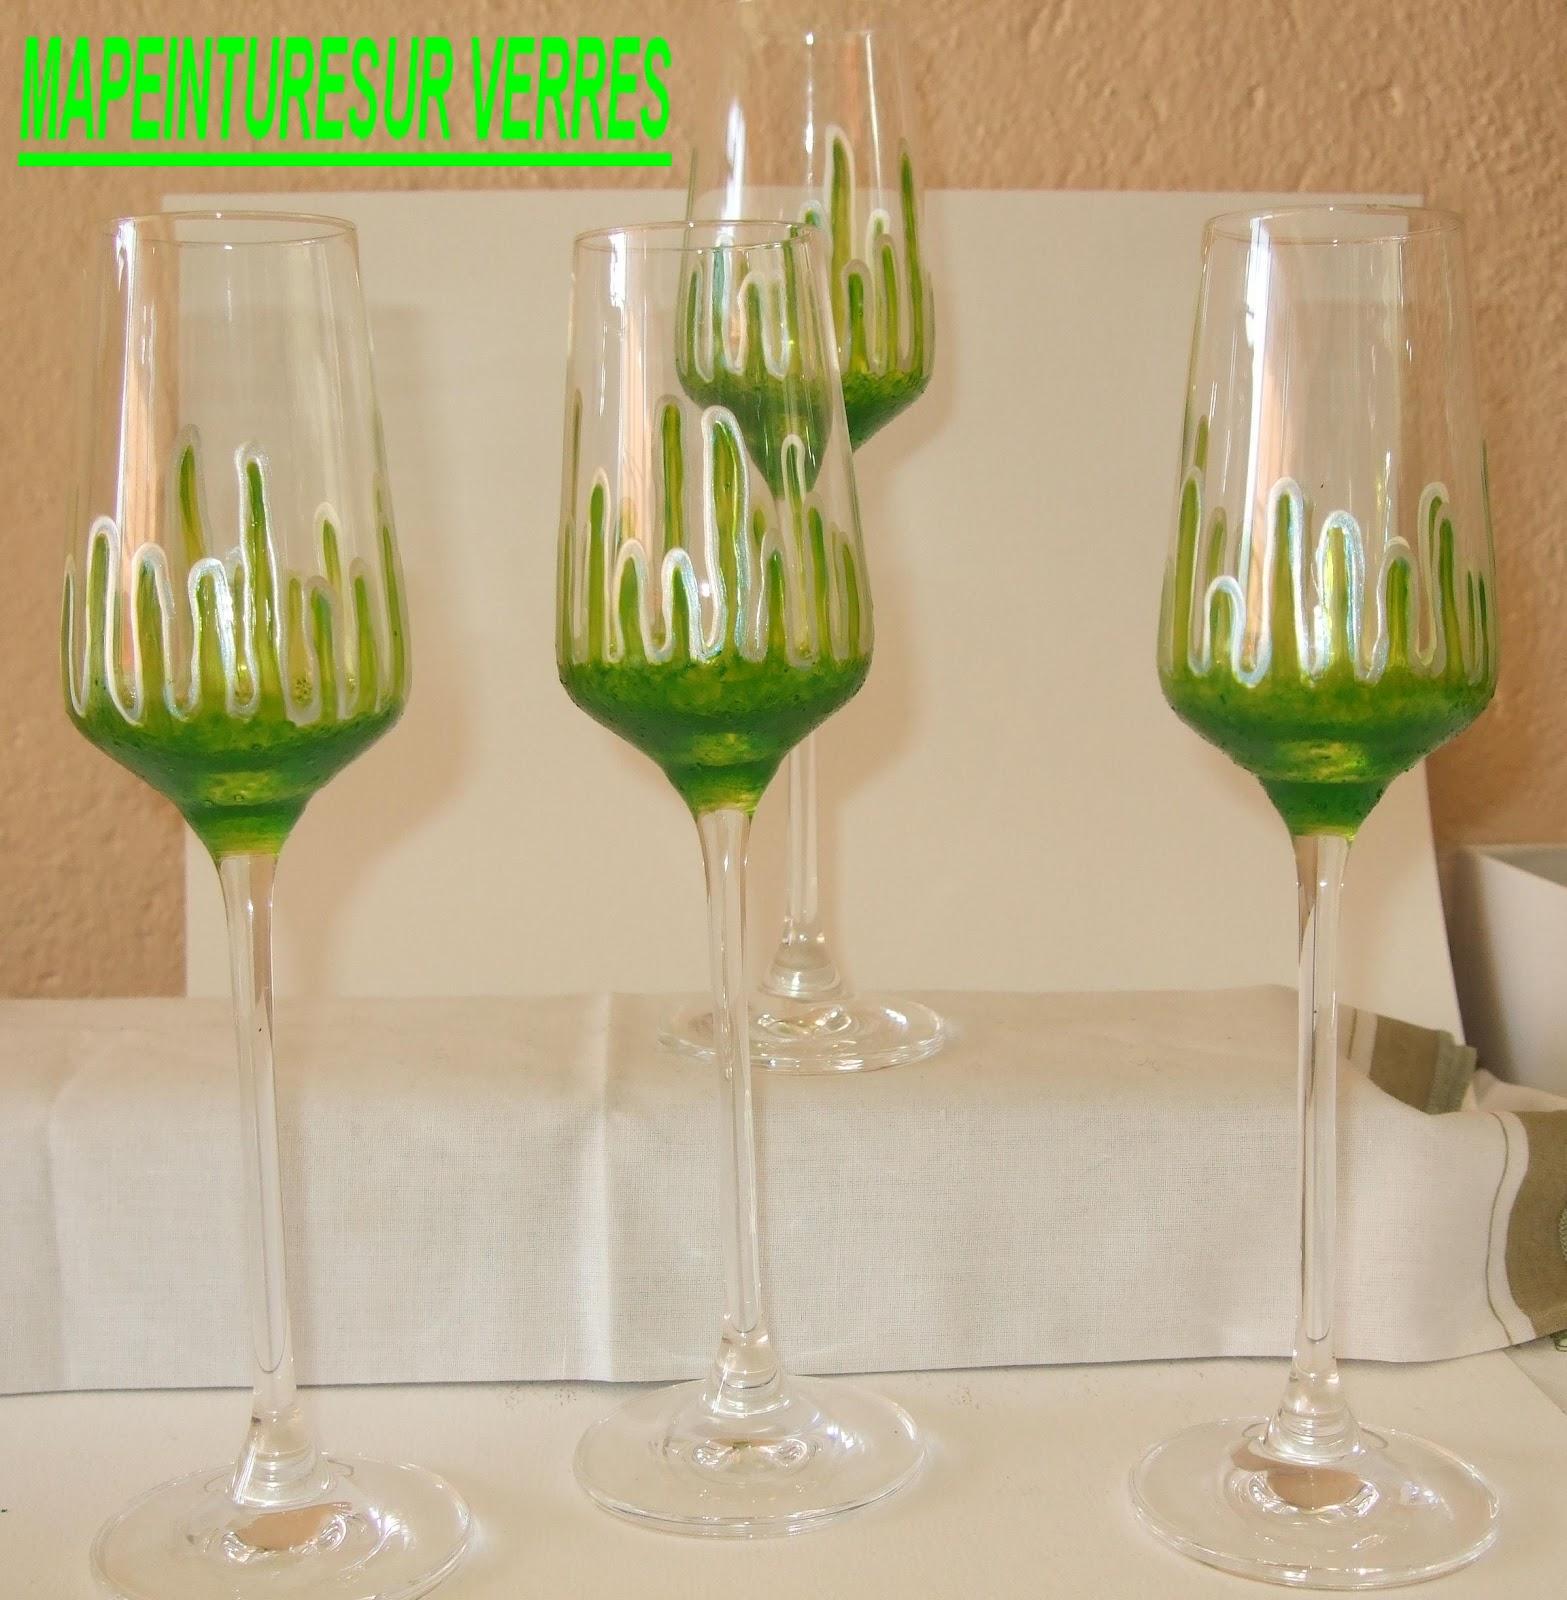 ma peinture sur verre par ingrid cr ation 4 verres vin blanc. Black Bedroom Furniture Sets. Home Design Ideas